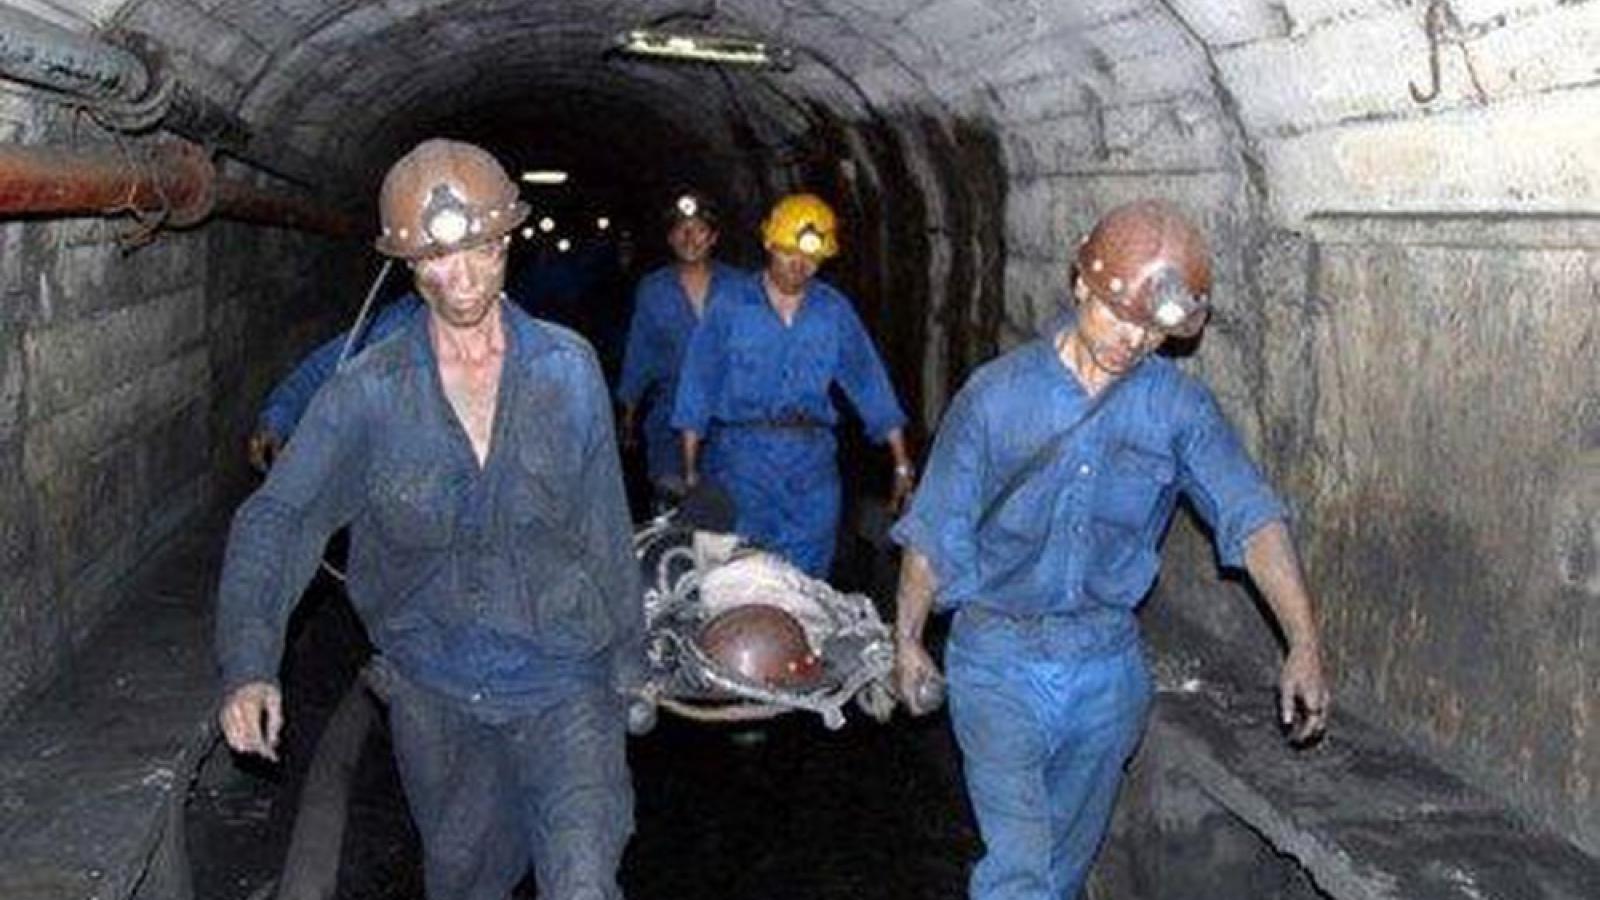 Nổ mìn khai thác than tại Núi Béo (Quảng Ninh), 1 công nhân tử vong